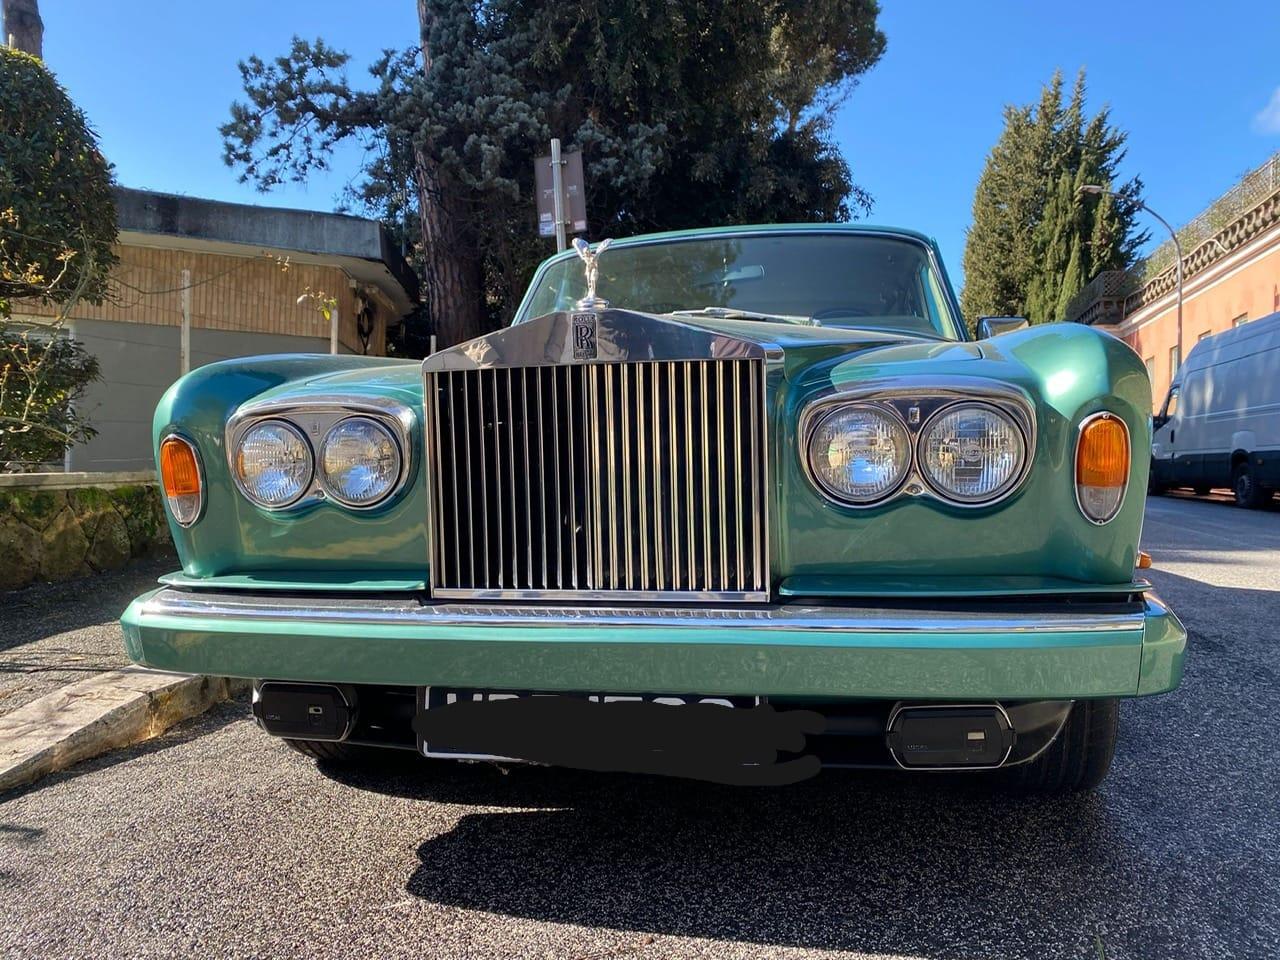 Rolls Royce Silver Shadow - Noleggio auto d'epoca - auto per matrimoni - noleggio auto matrimoni - Noleggio Auto matrimoni - nozze auto - auto matrimonio Roma